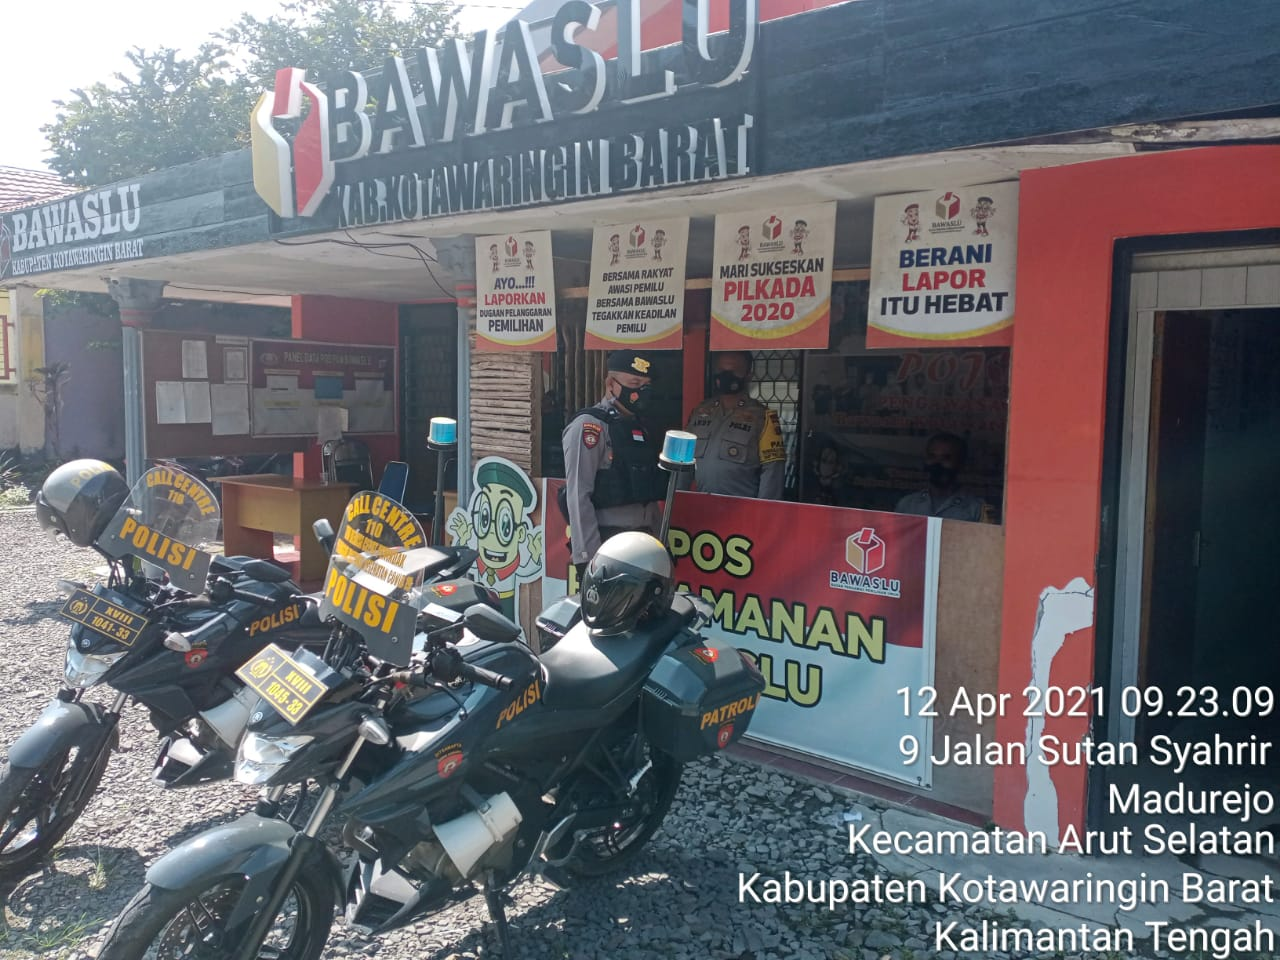 Shabara Polres Kobar Sambangi Kantor Bawaslu